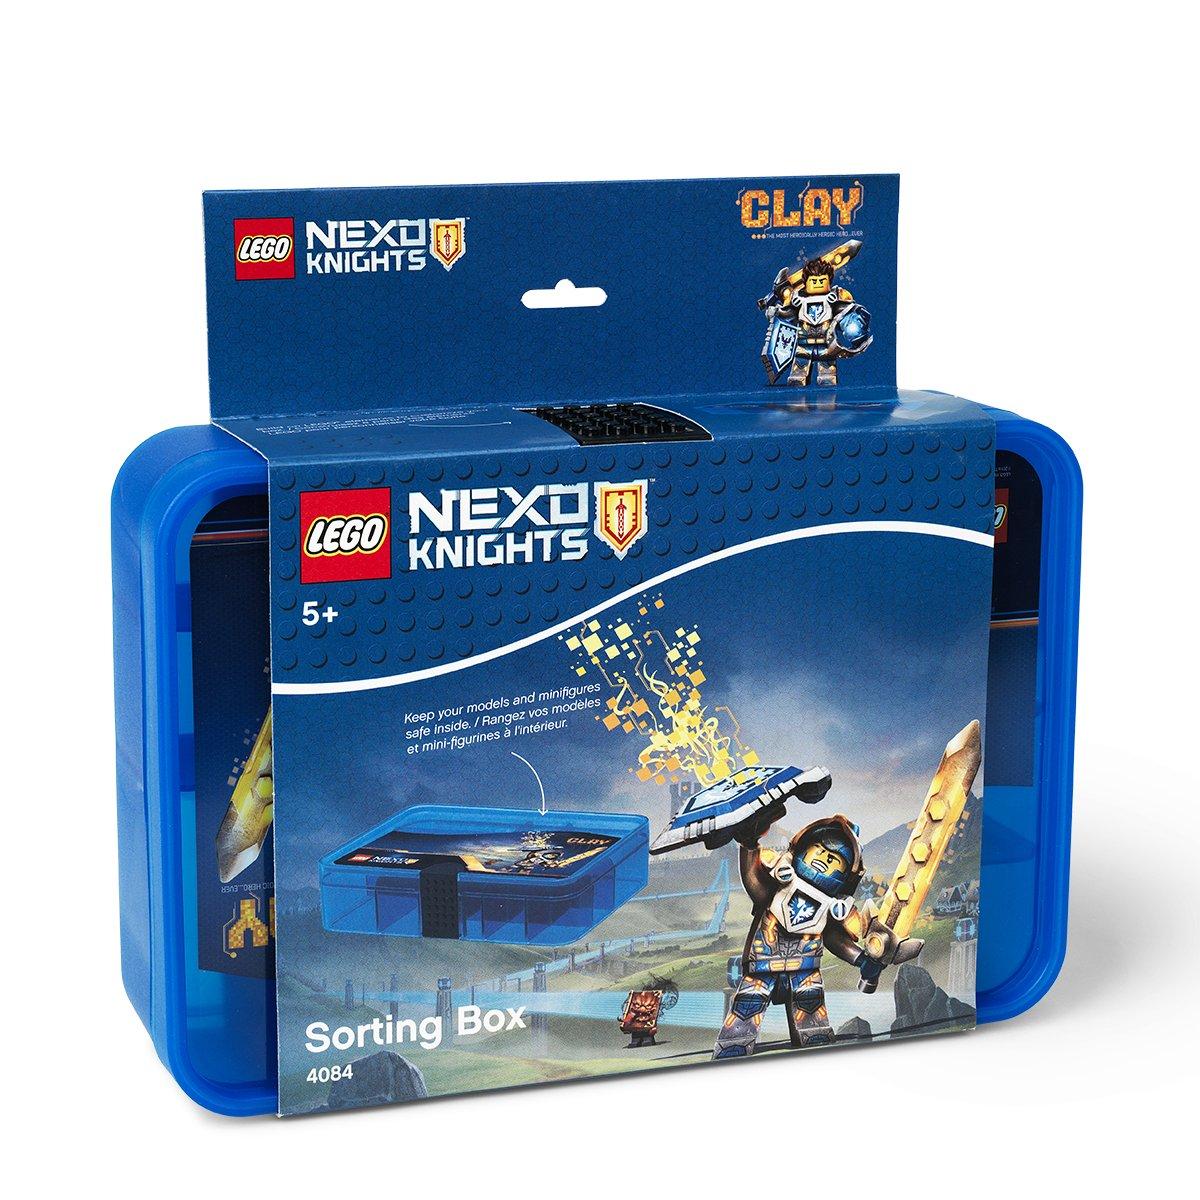 LEGO 4084 Caja de Almacenamiento Friends, Contenedor con Compartimentos, Morado translúcido, Lavender, 17.8 x 26.7 x 6.6 cm: Amazon.es: Hogar